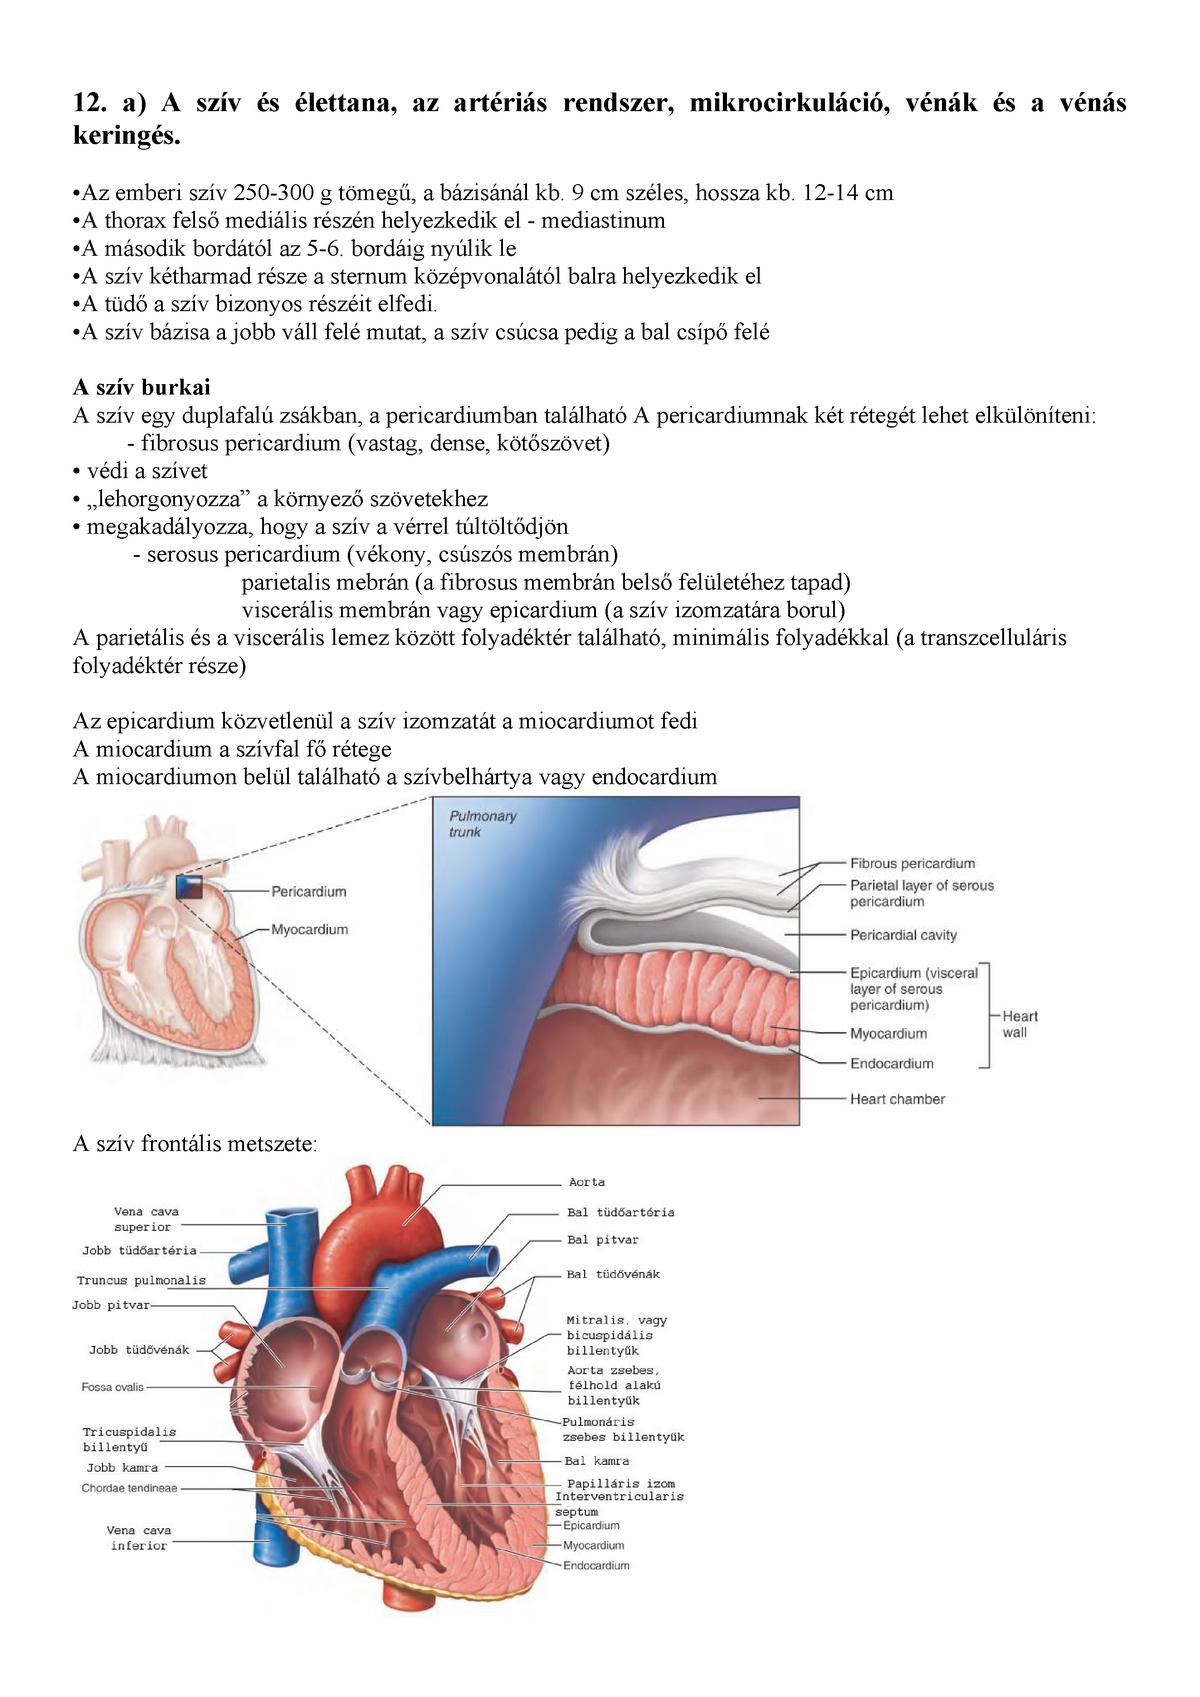 artériás vér az emberi szívben az)